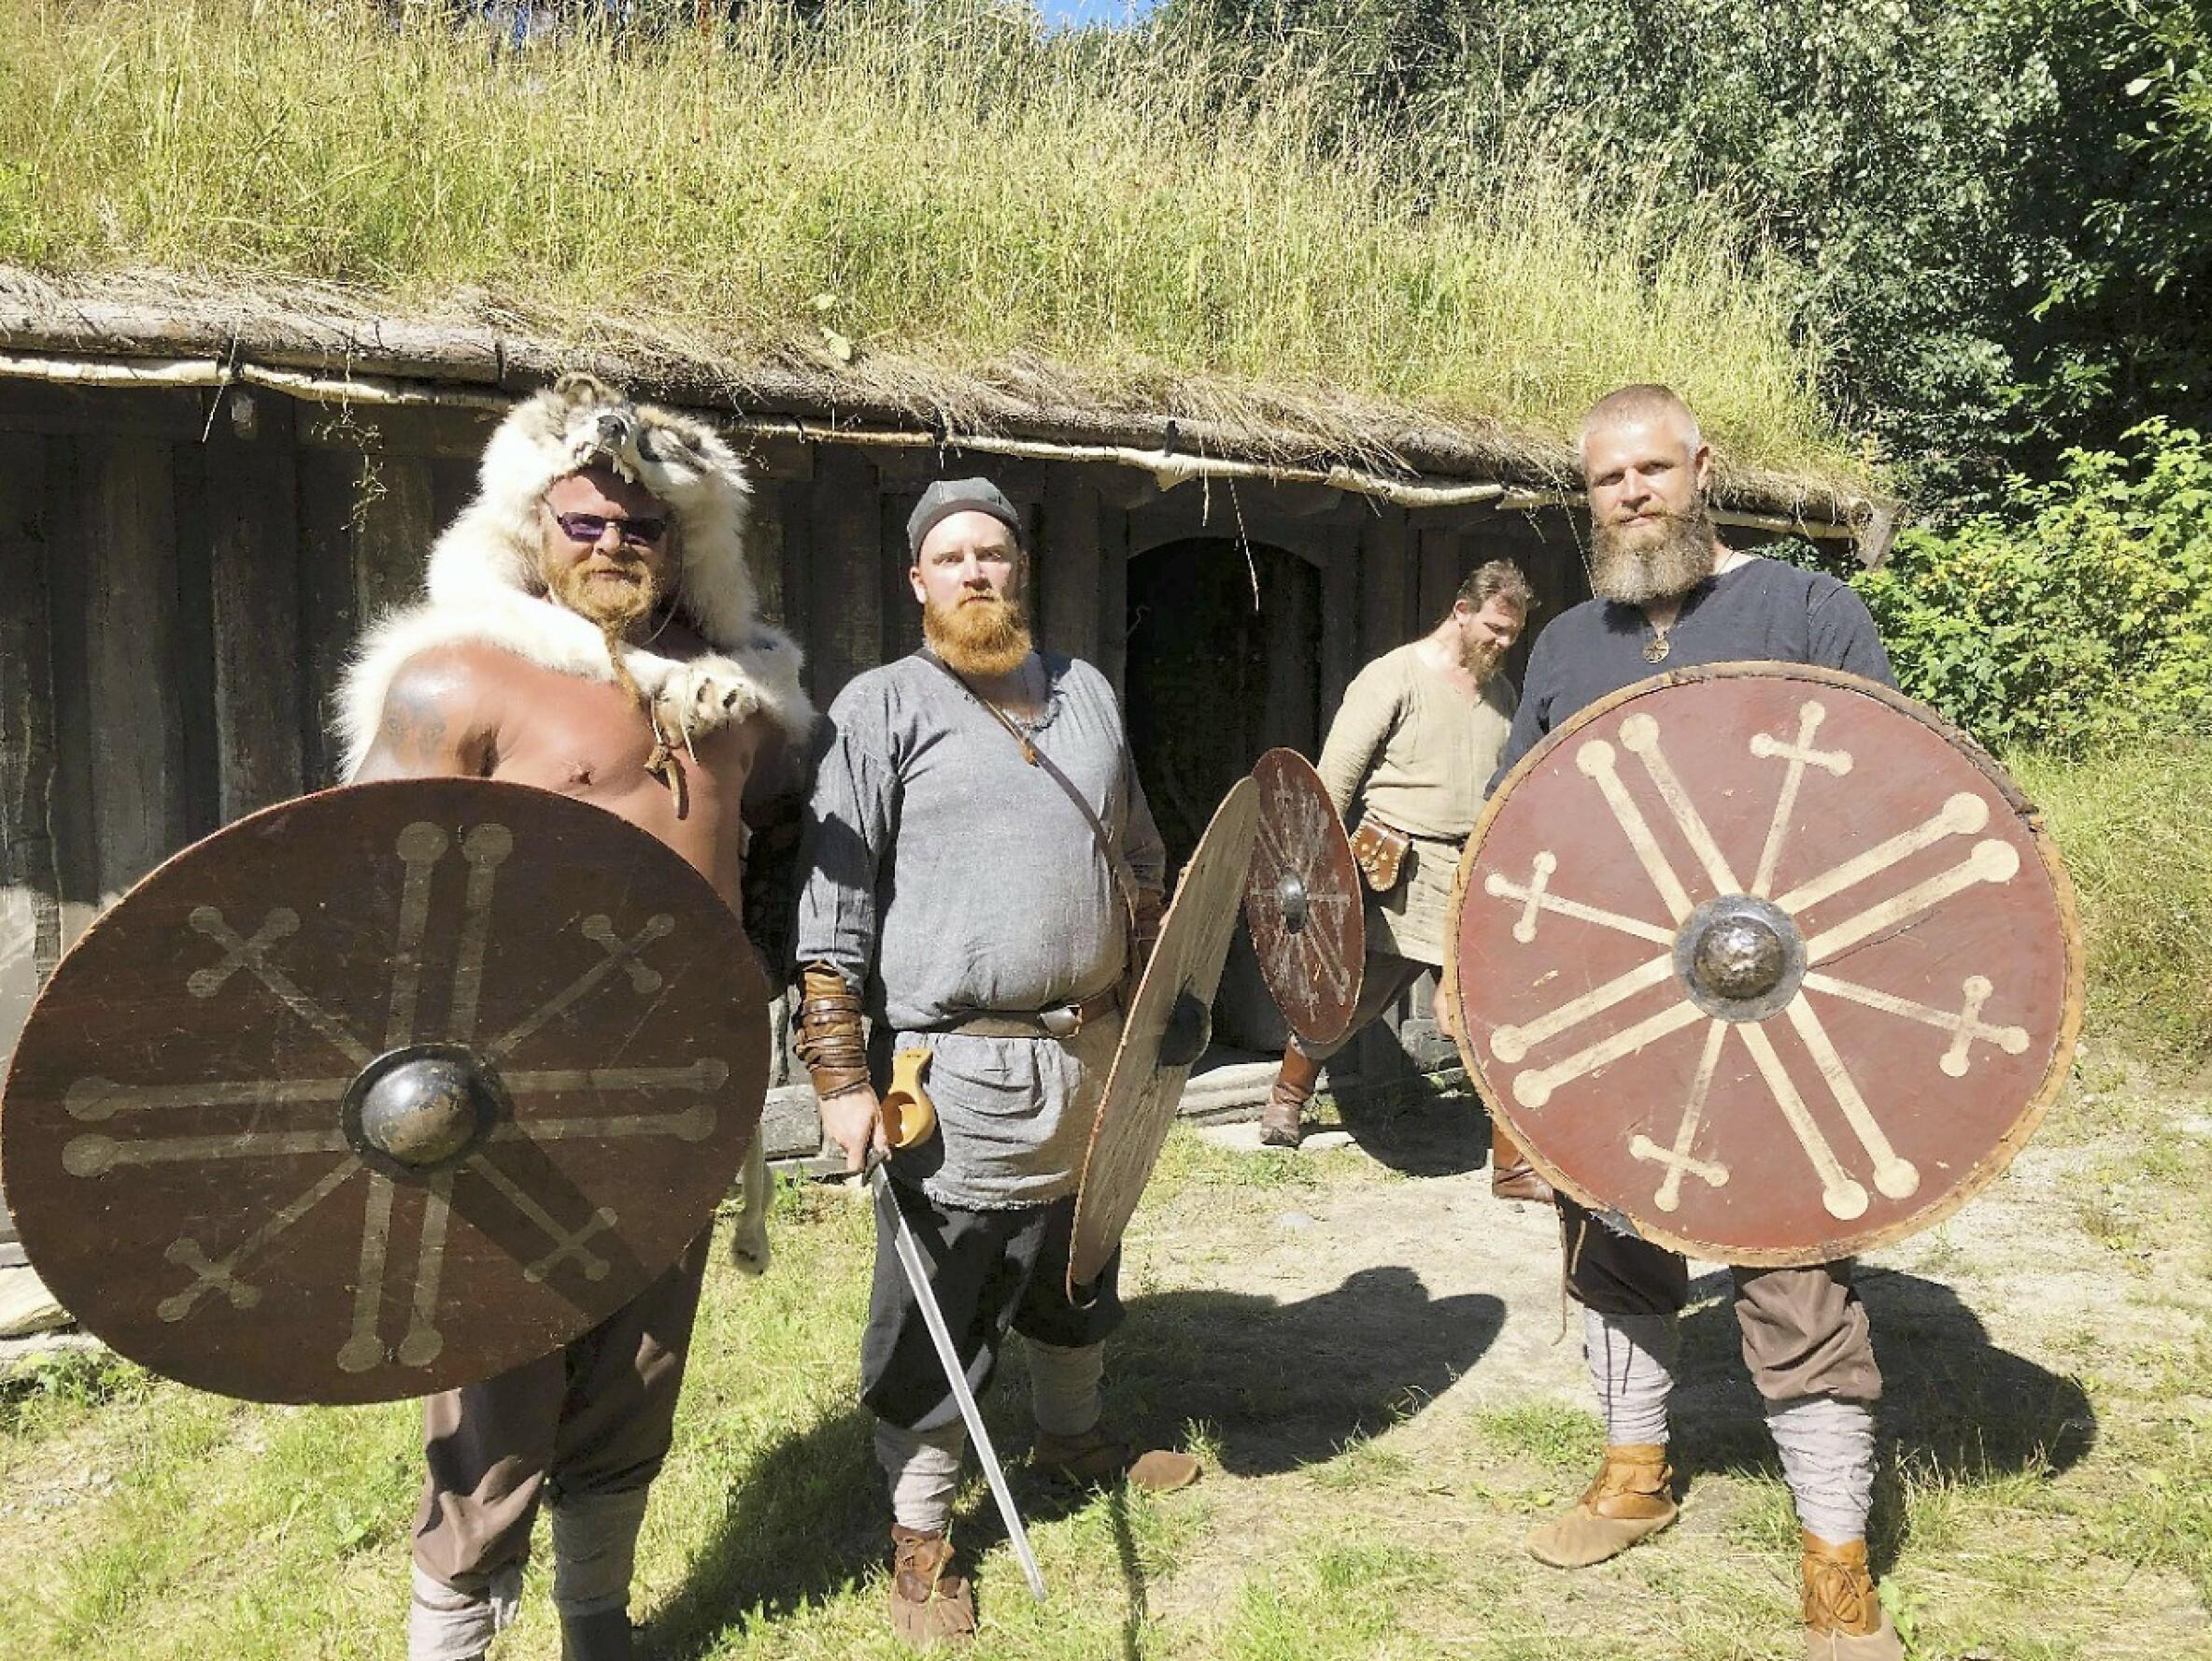 VIKINGER: Kjell Eivind (t.v.) drømmer om en internasjonal vikingrolle, og har en liten rolle i den kommende filmen «Vikingulven». Her er han sammen med medlemmer av vikinggruppen «Olavs menn» fra Telemark. Foto: Privat